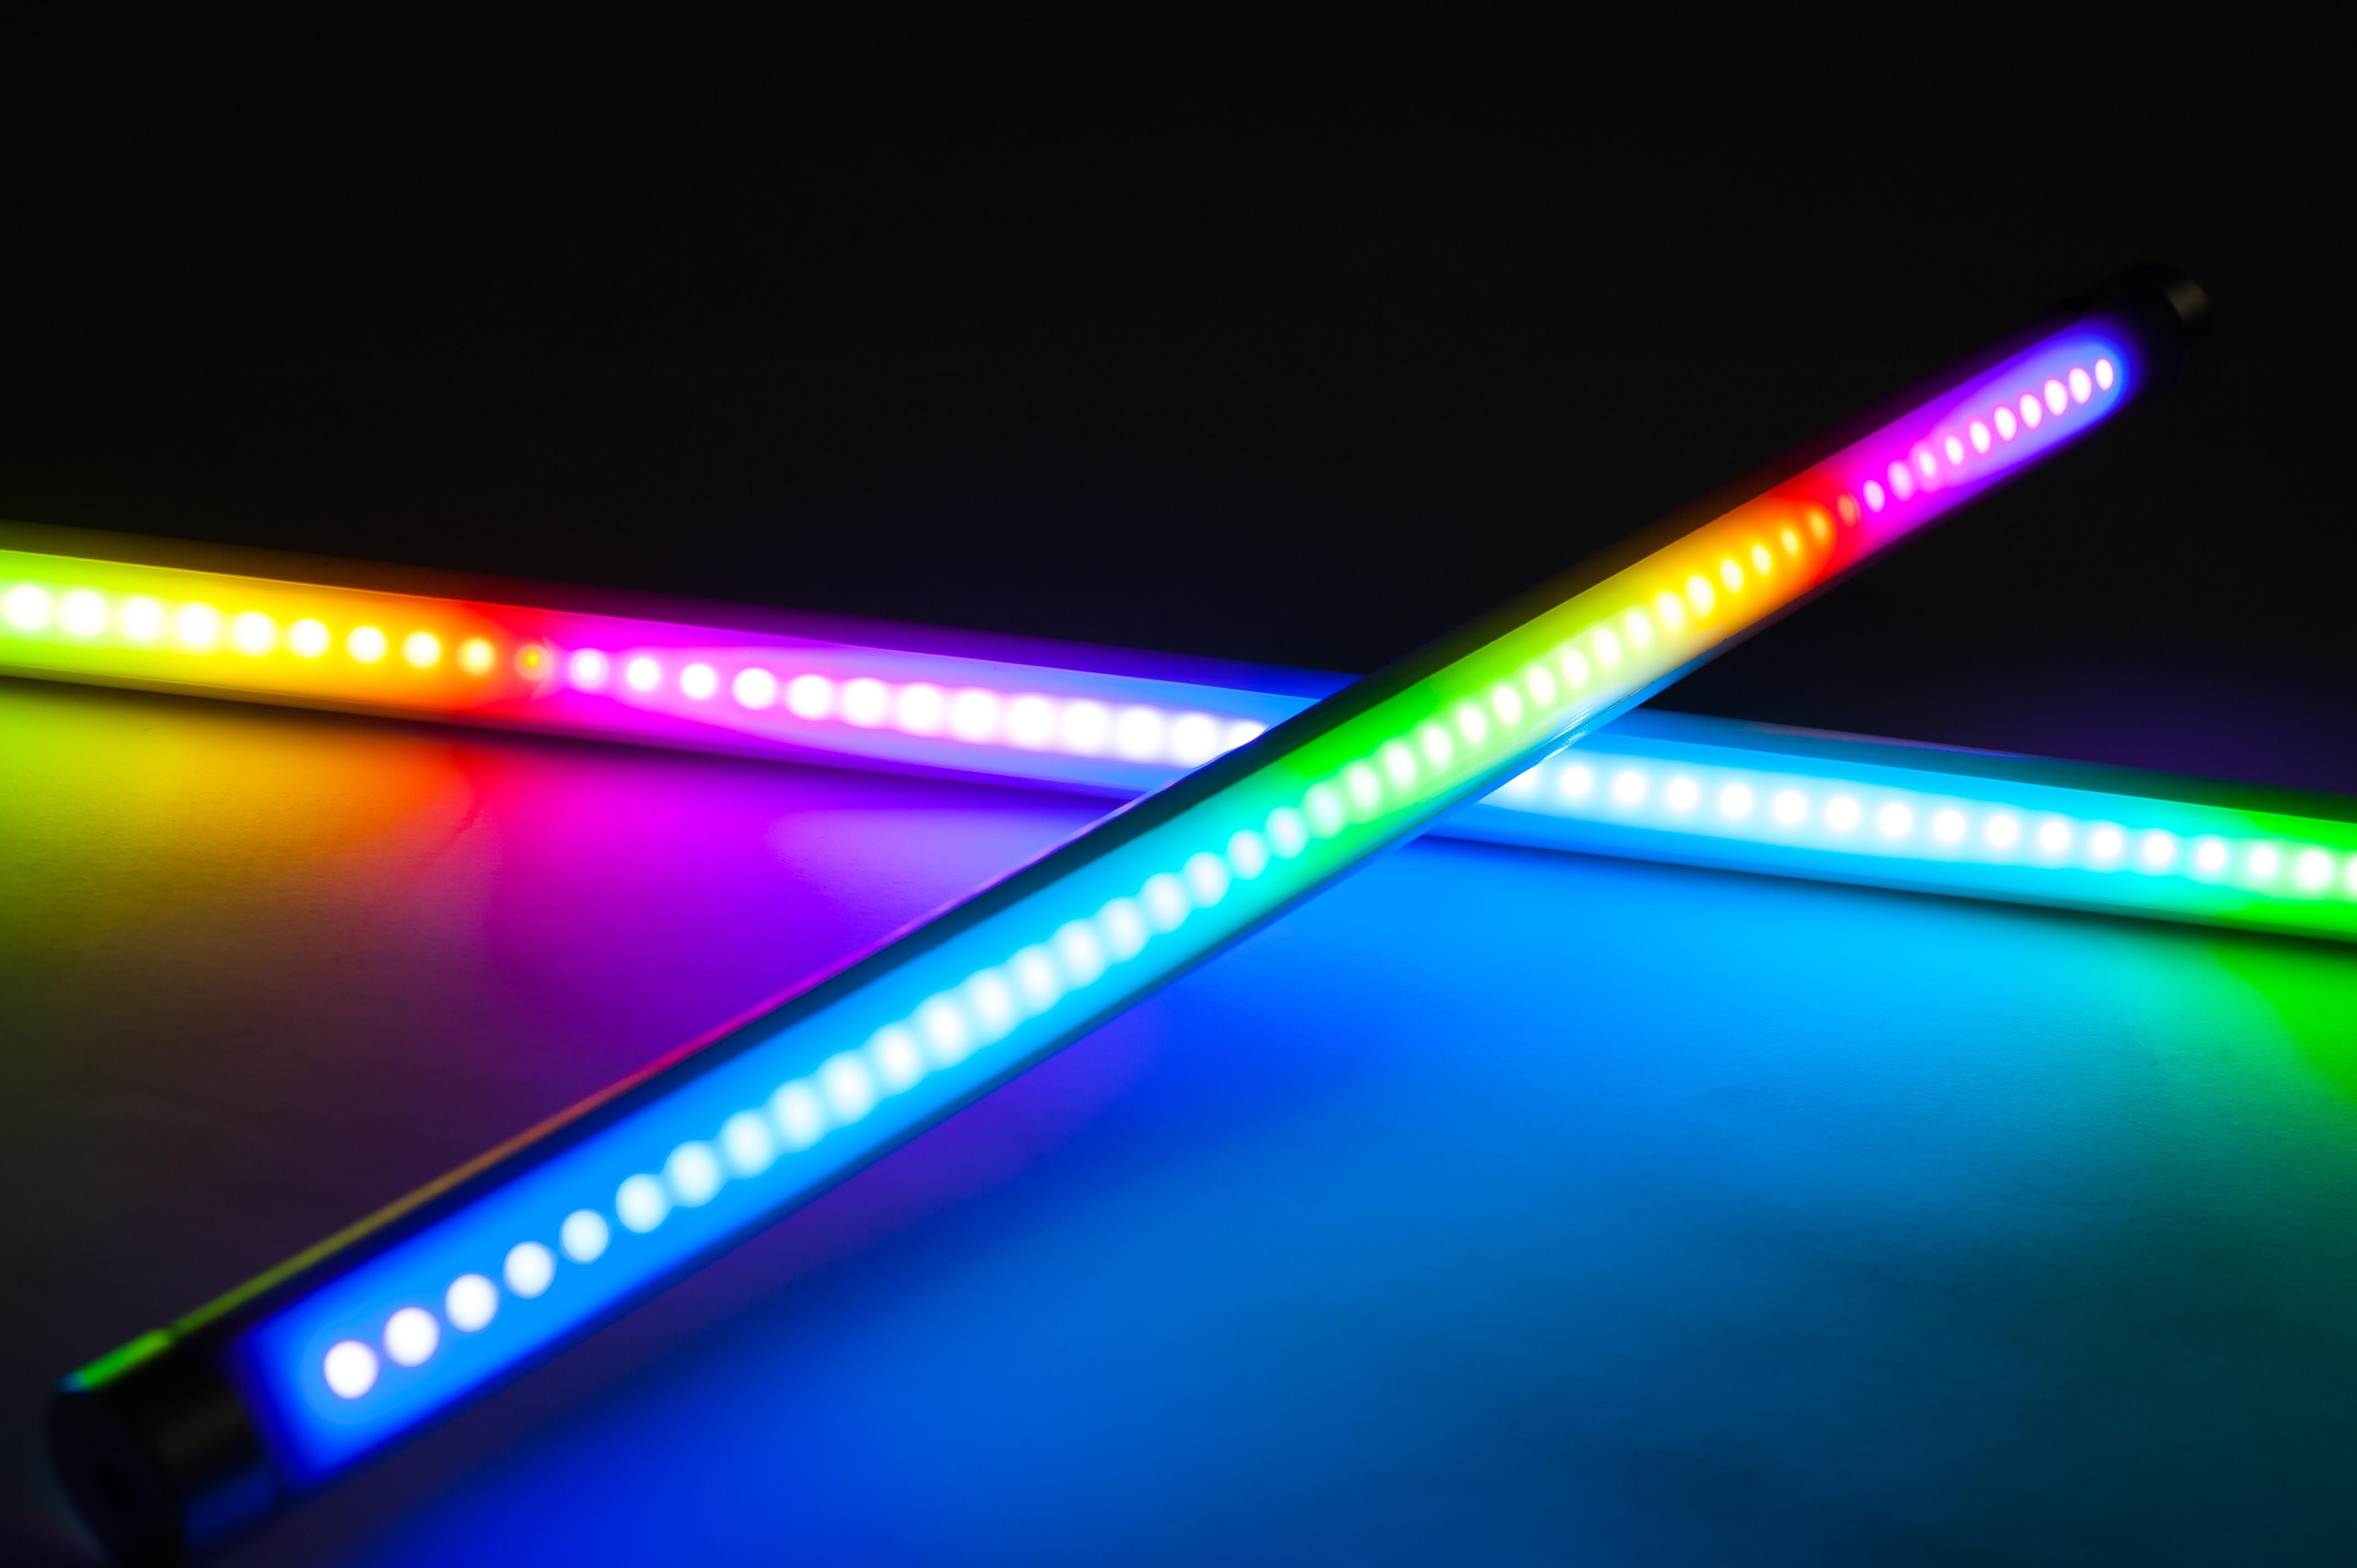 На вечірку, у похід, під воду: засновник UniColor — про свій винахід для кольорового освітлення